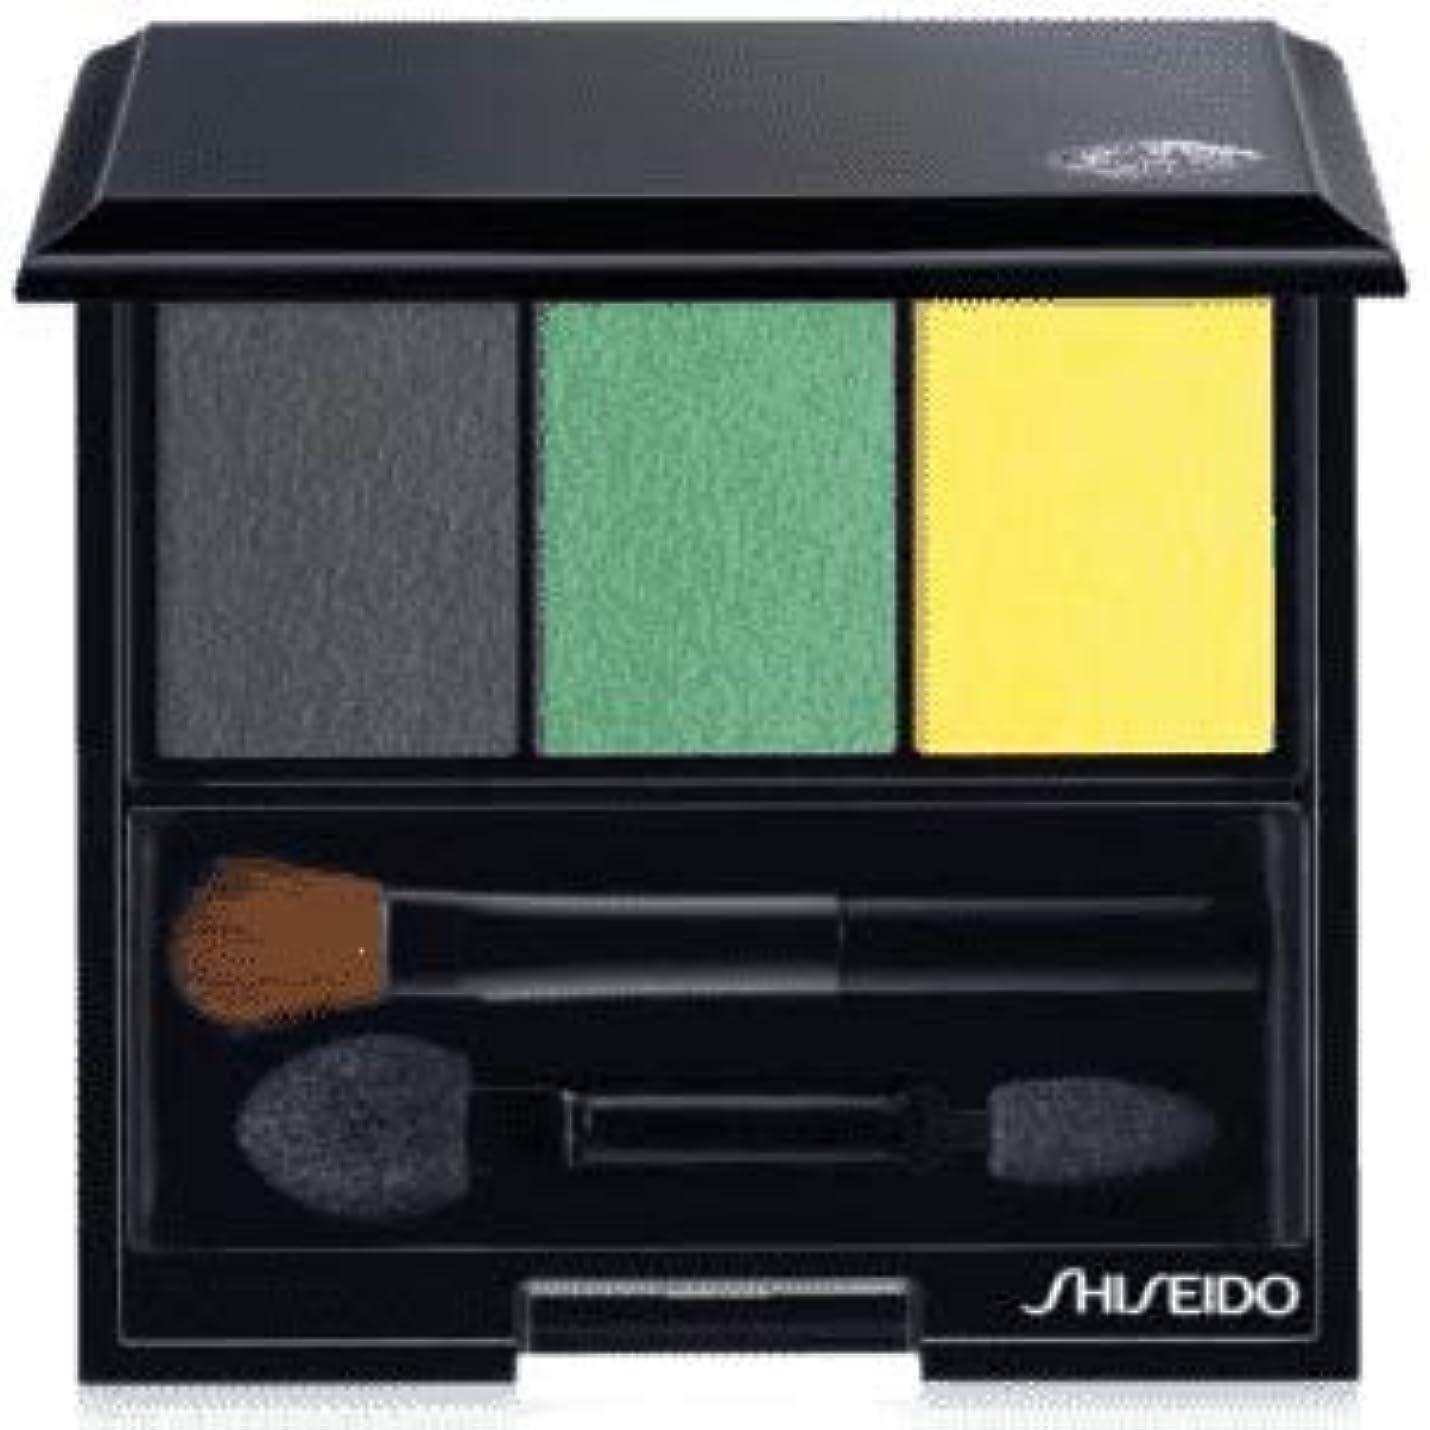 晴れ神経冷笑する資生堂 ルミナイジング サテン アイカラー トリオ GR716(Shiseido Luminizing Satin Eye Color Trio GR716) [並行輸入品]